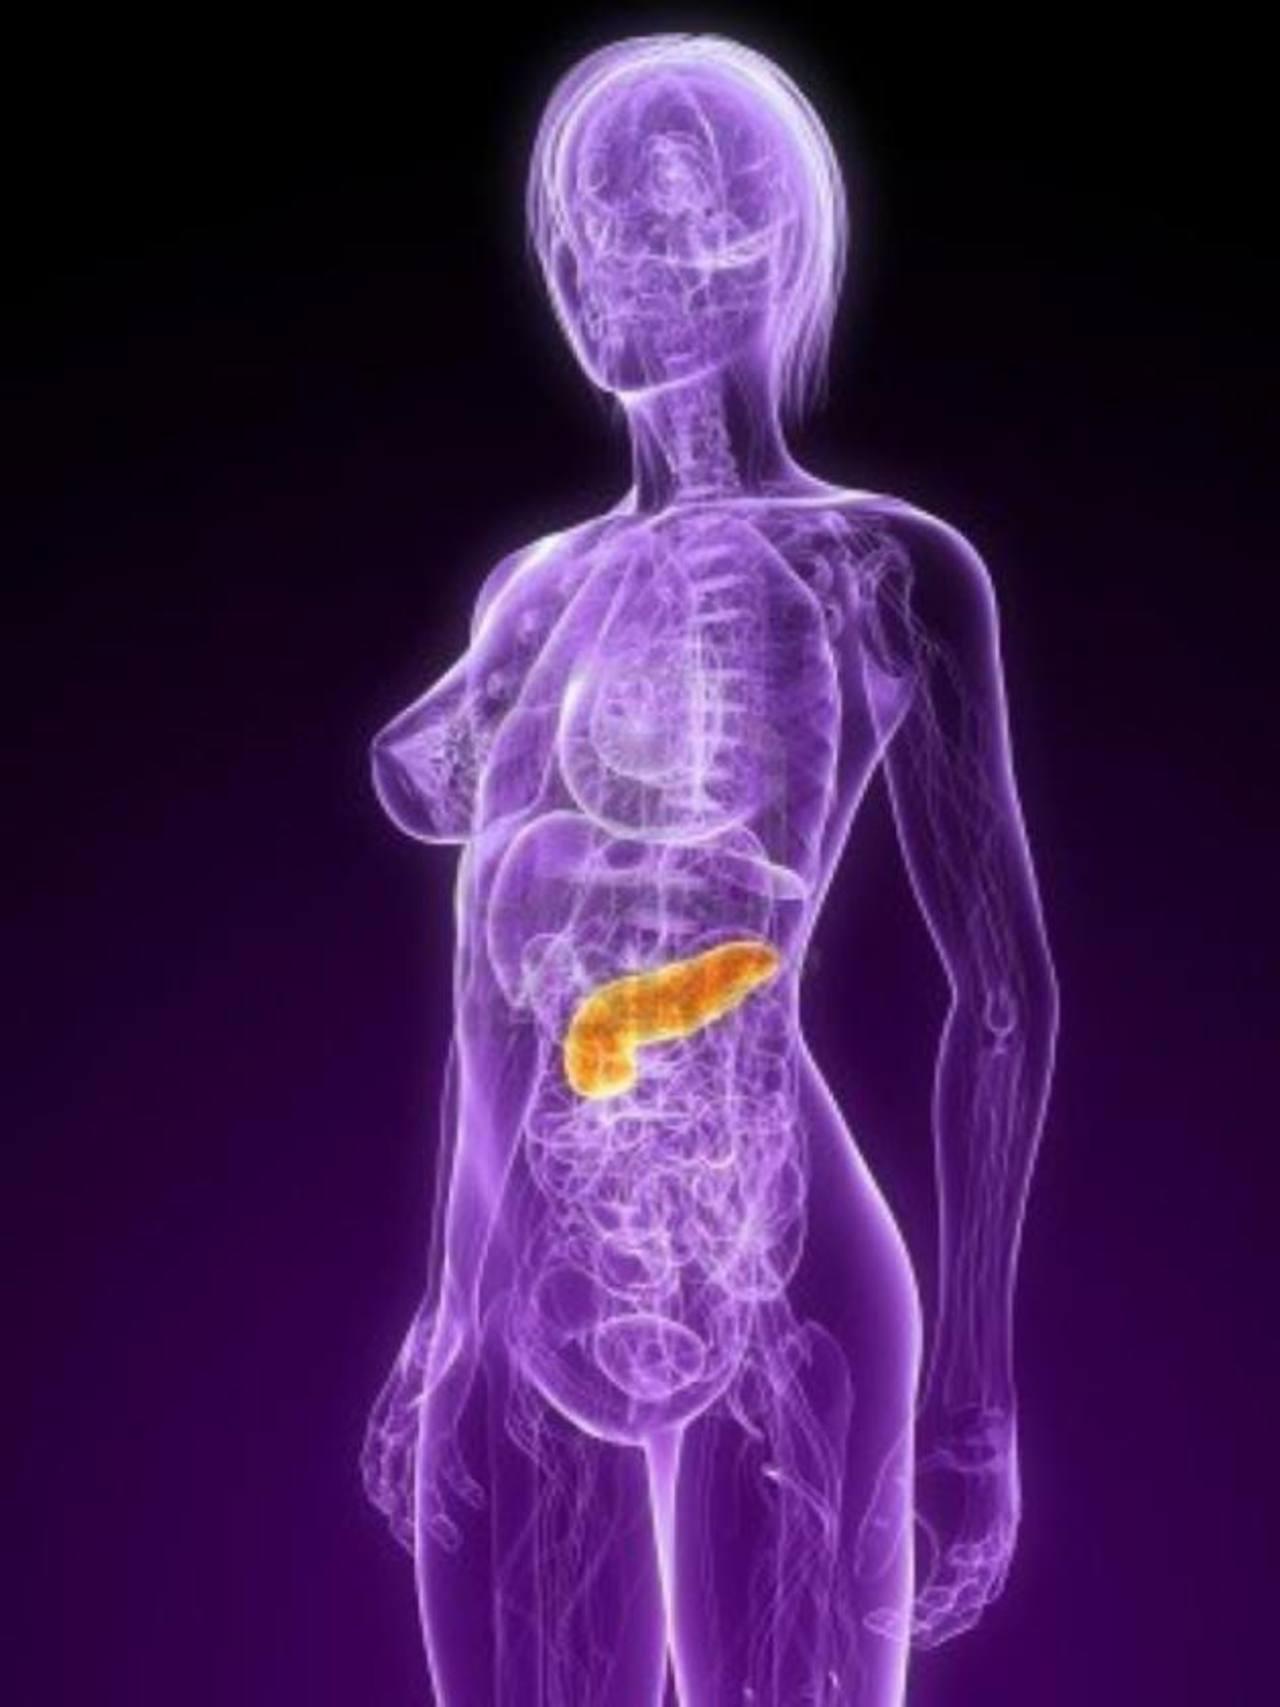 El bazo fue creado en tres dimensiones en un chip que es capaz de generar las mismas funciones dentro del organismo.